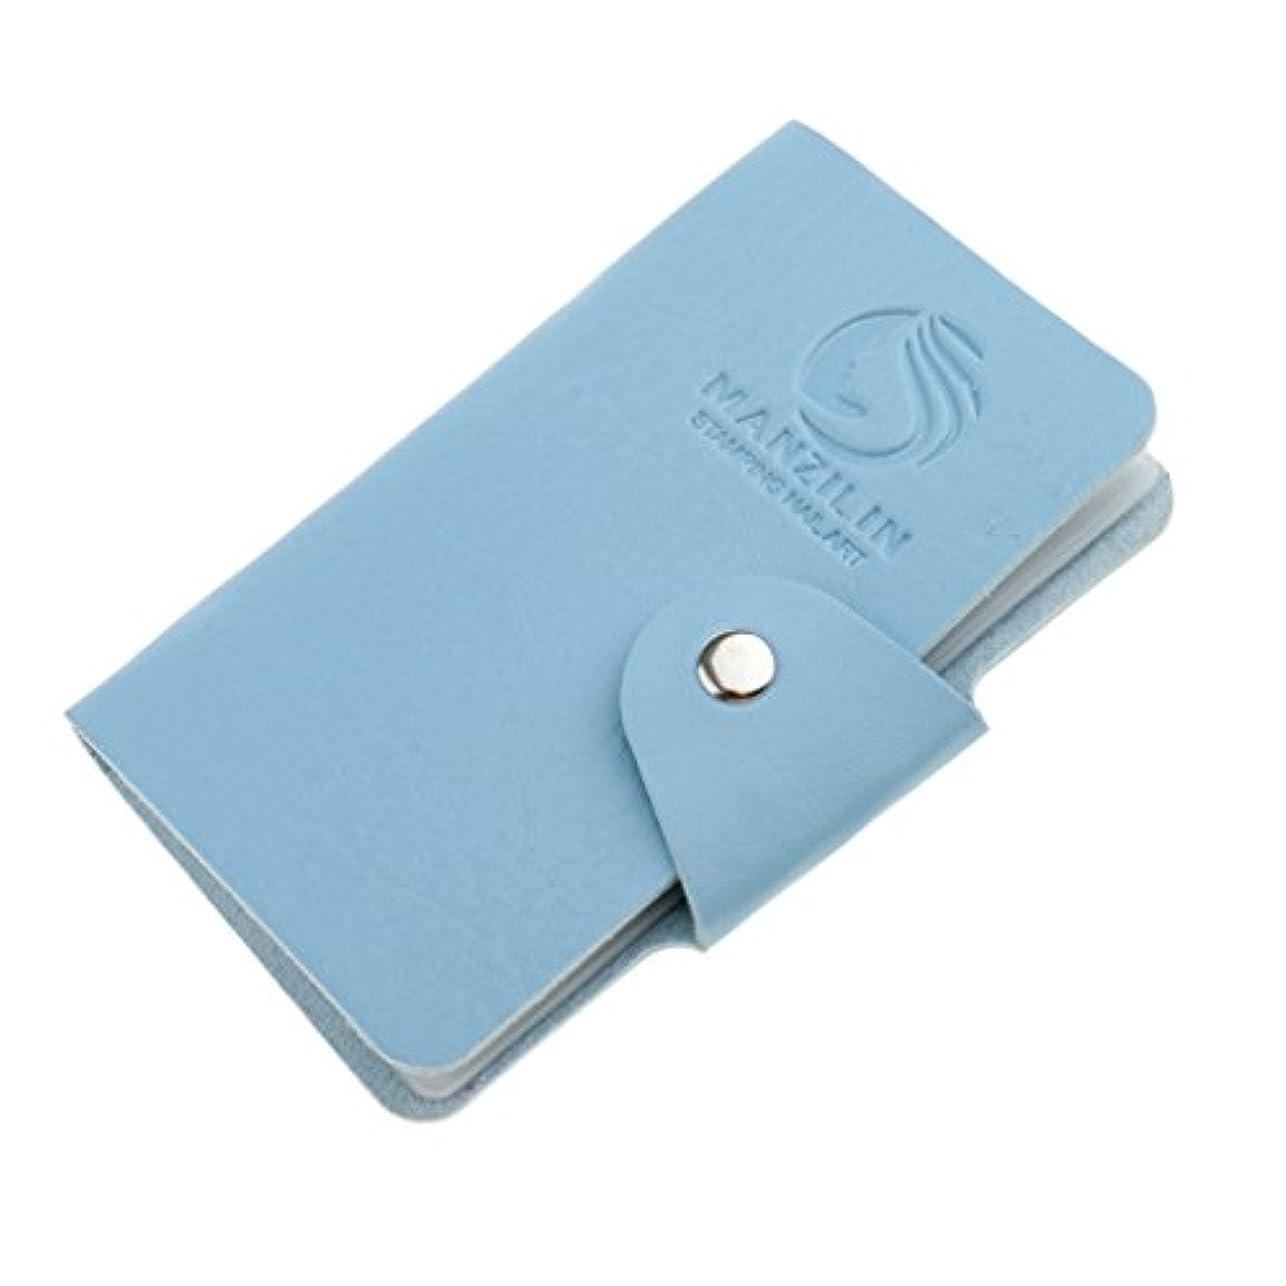 パドル球状姿勢オーガナイザーケース バッグ プレートスタンパーバッグ 24スロット ネイルアート ホルダー 収納 5色選べ - 青, 説明したように